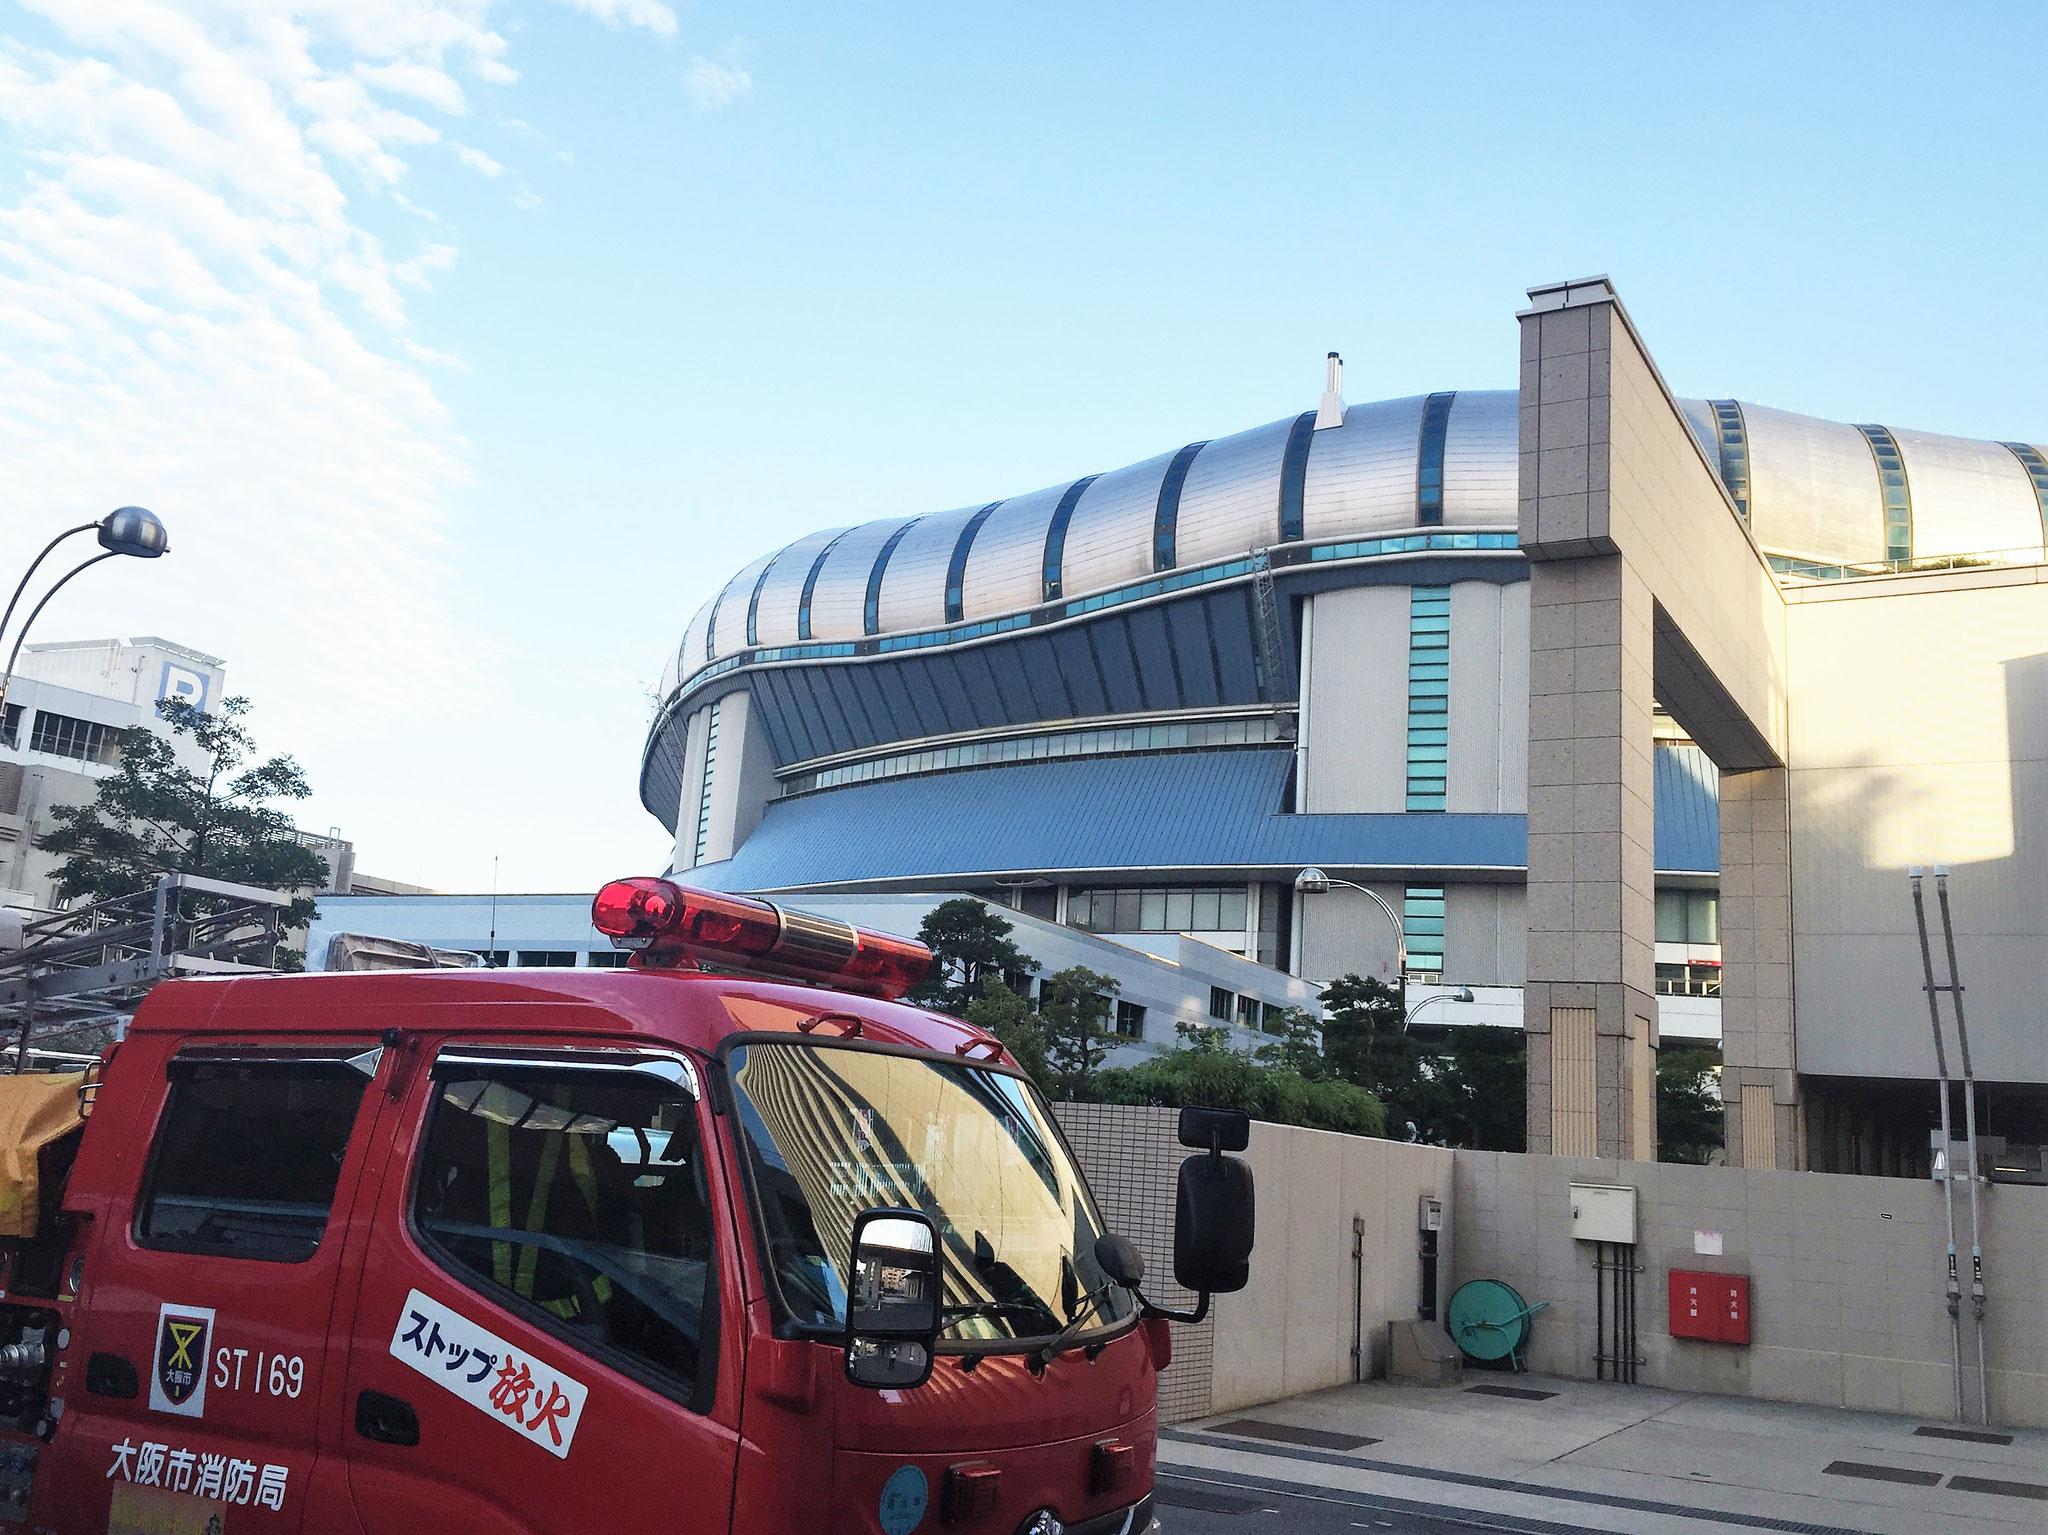 大阪市消防長宛に甲種消防設備士が着工届を提出。